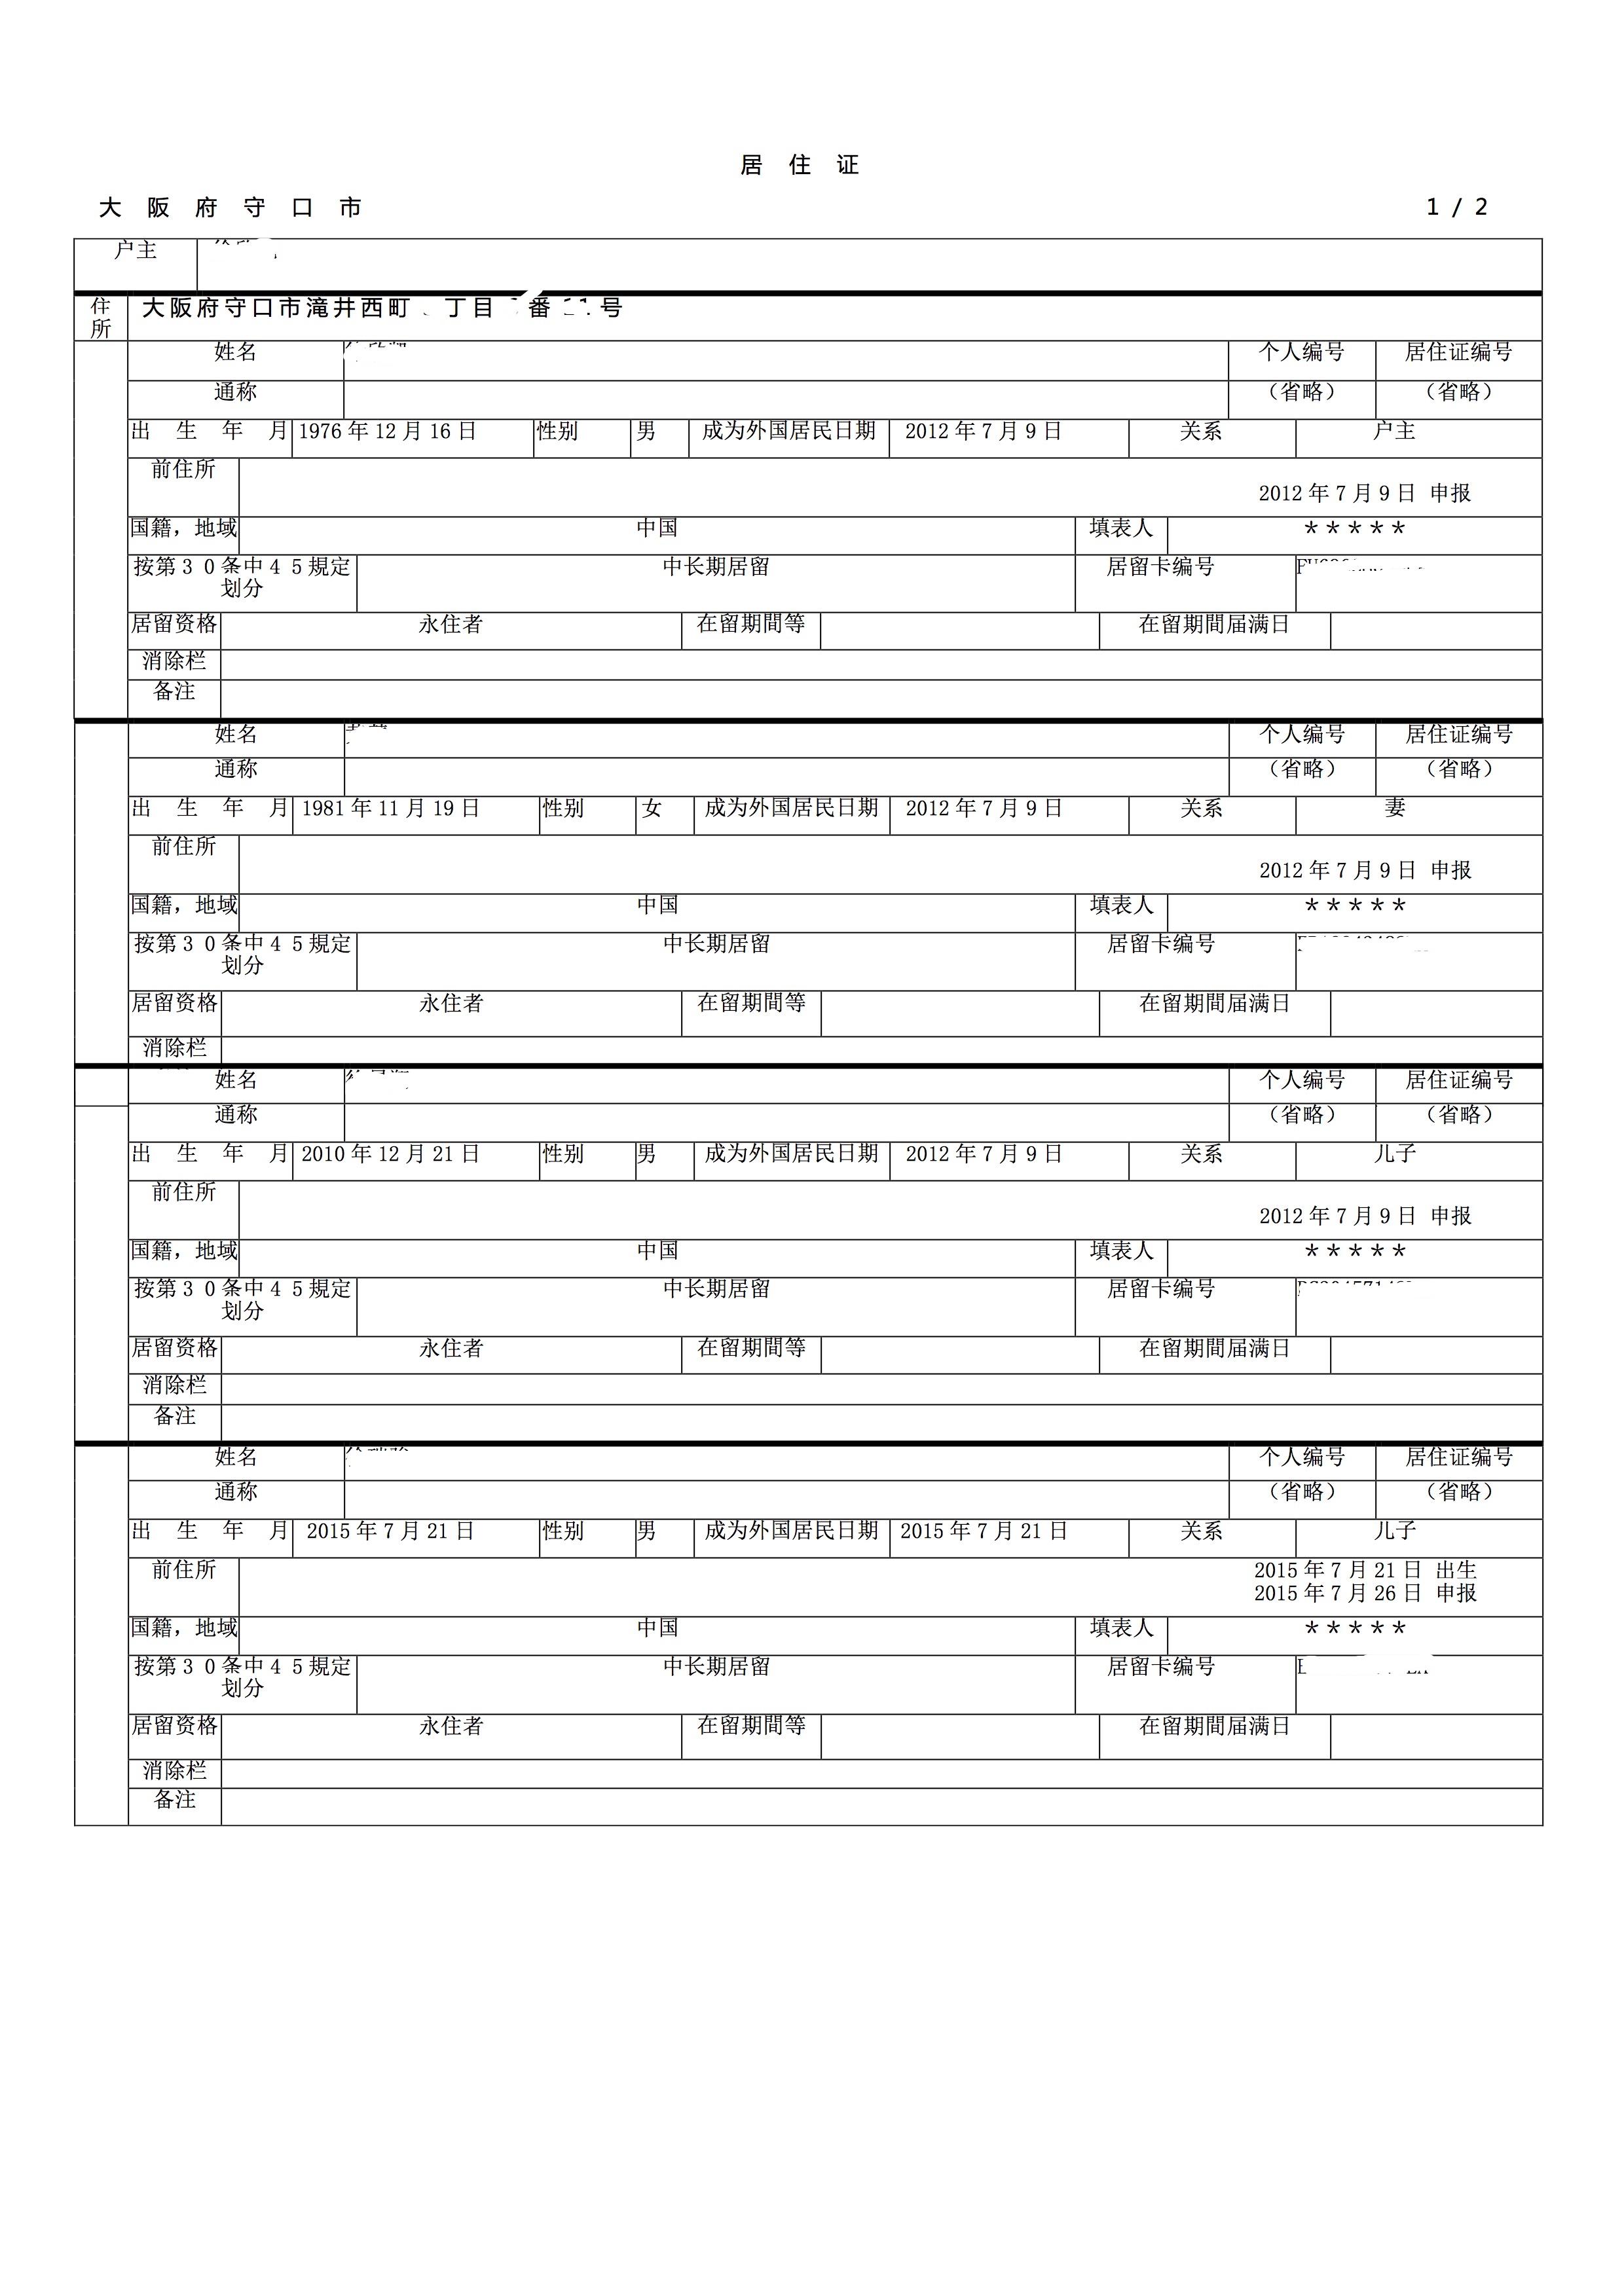 1p - 日本居住证翻译盖章